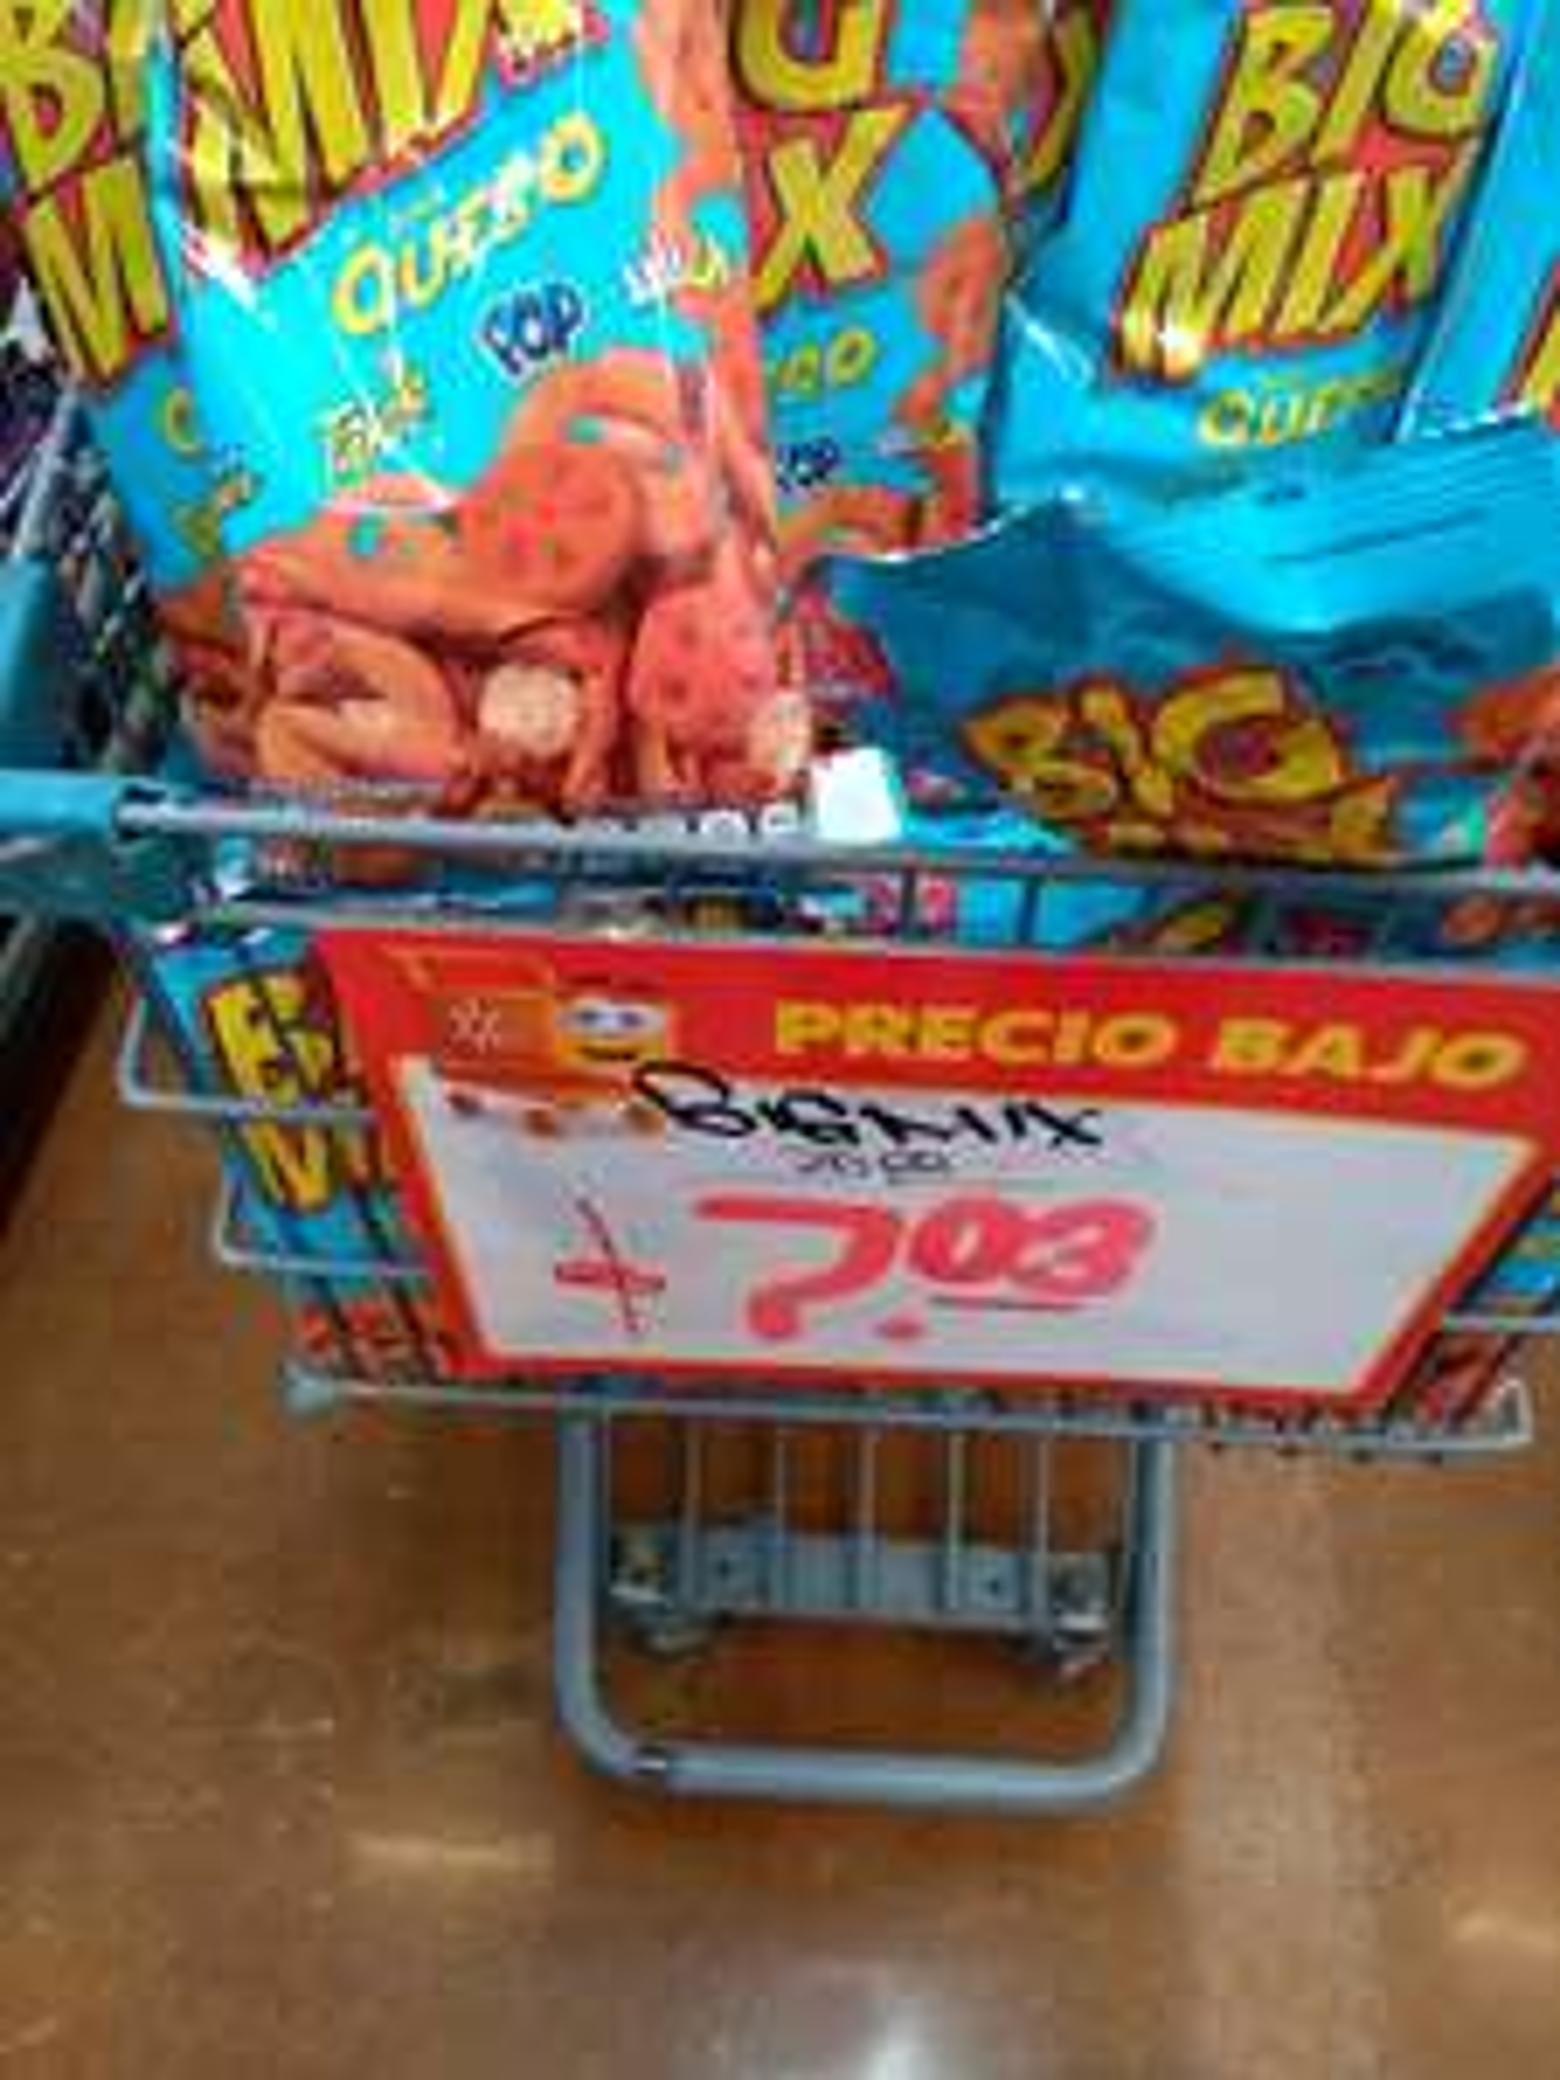 Walmart: Big-mix Barcel